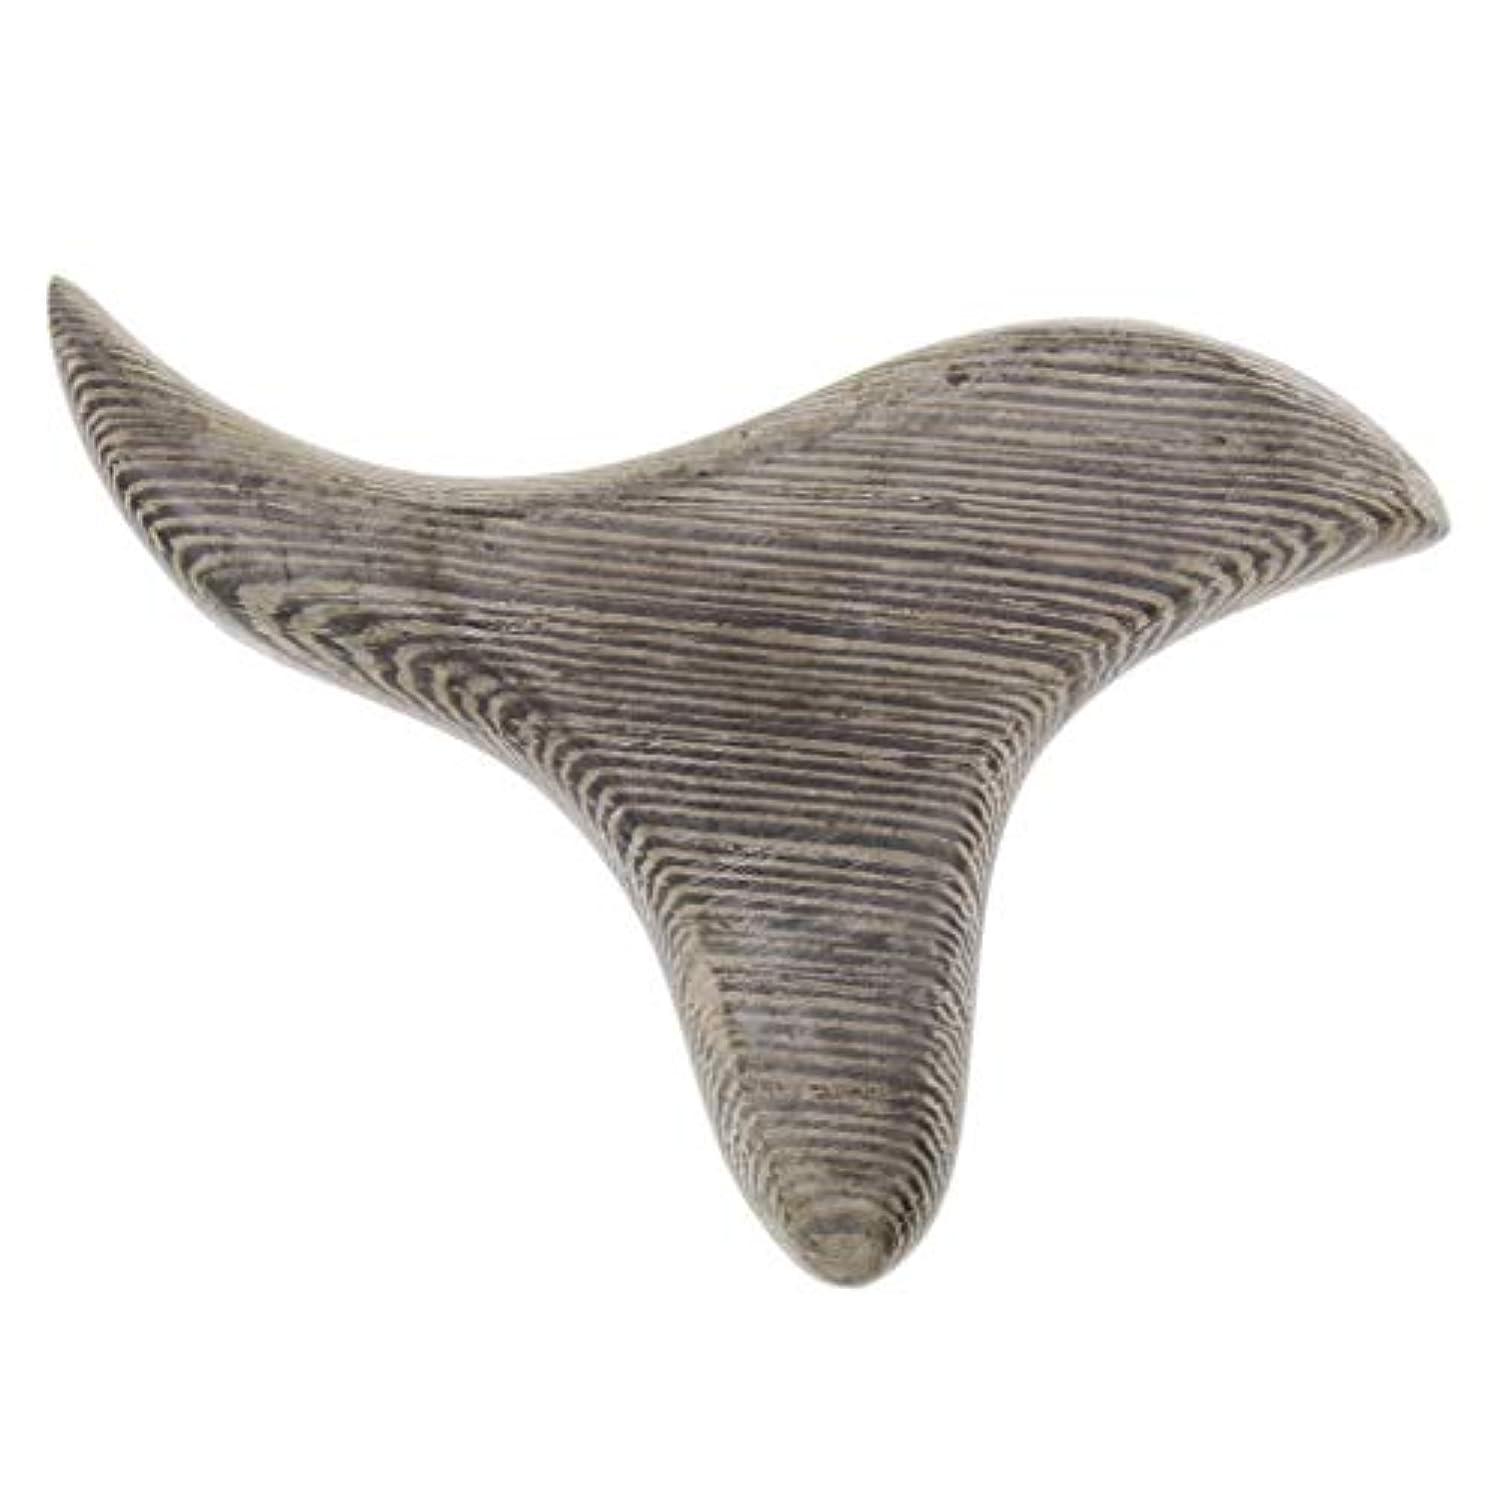 薬理学特徴づけるギャラントリーFLAMEER 三角形 マッサージボード 掻き板 木製